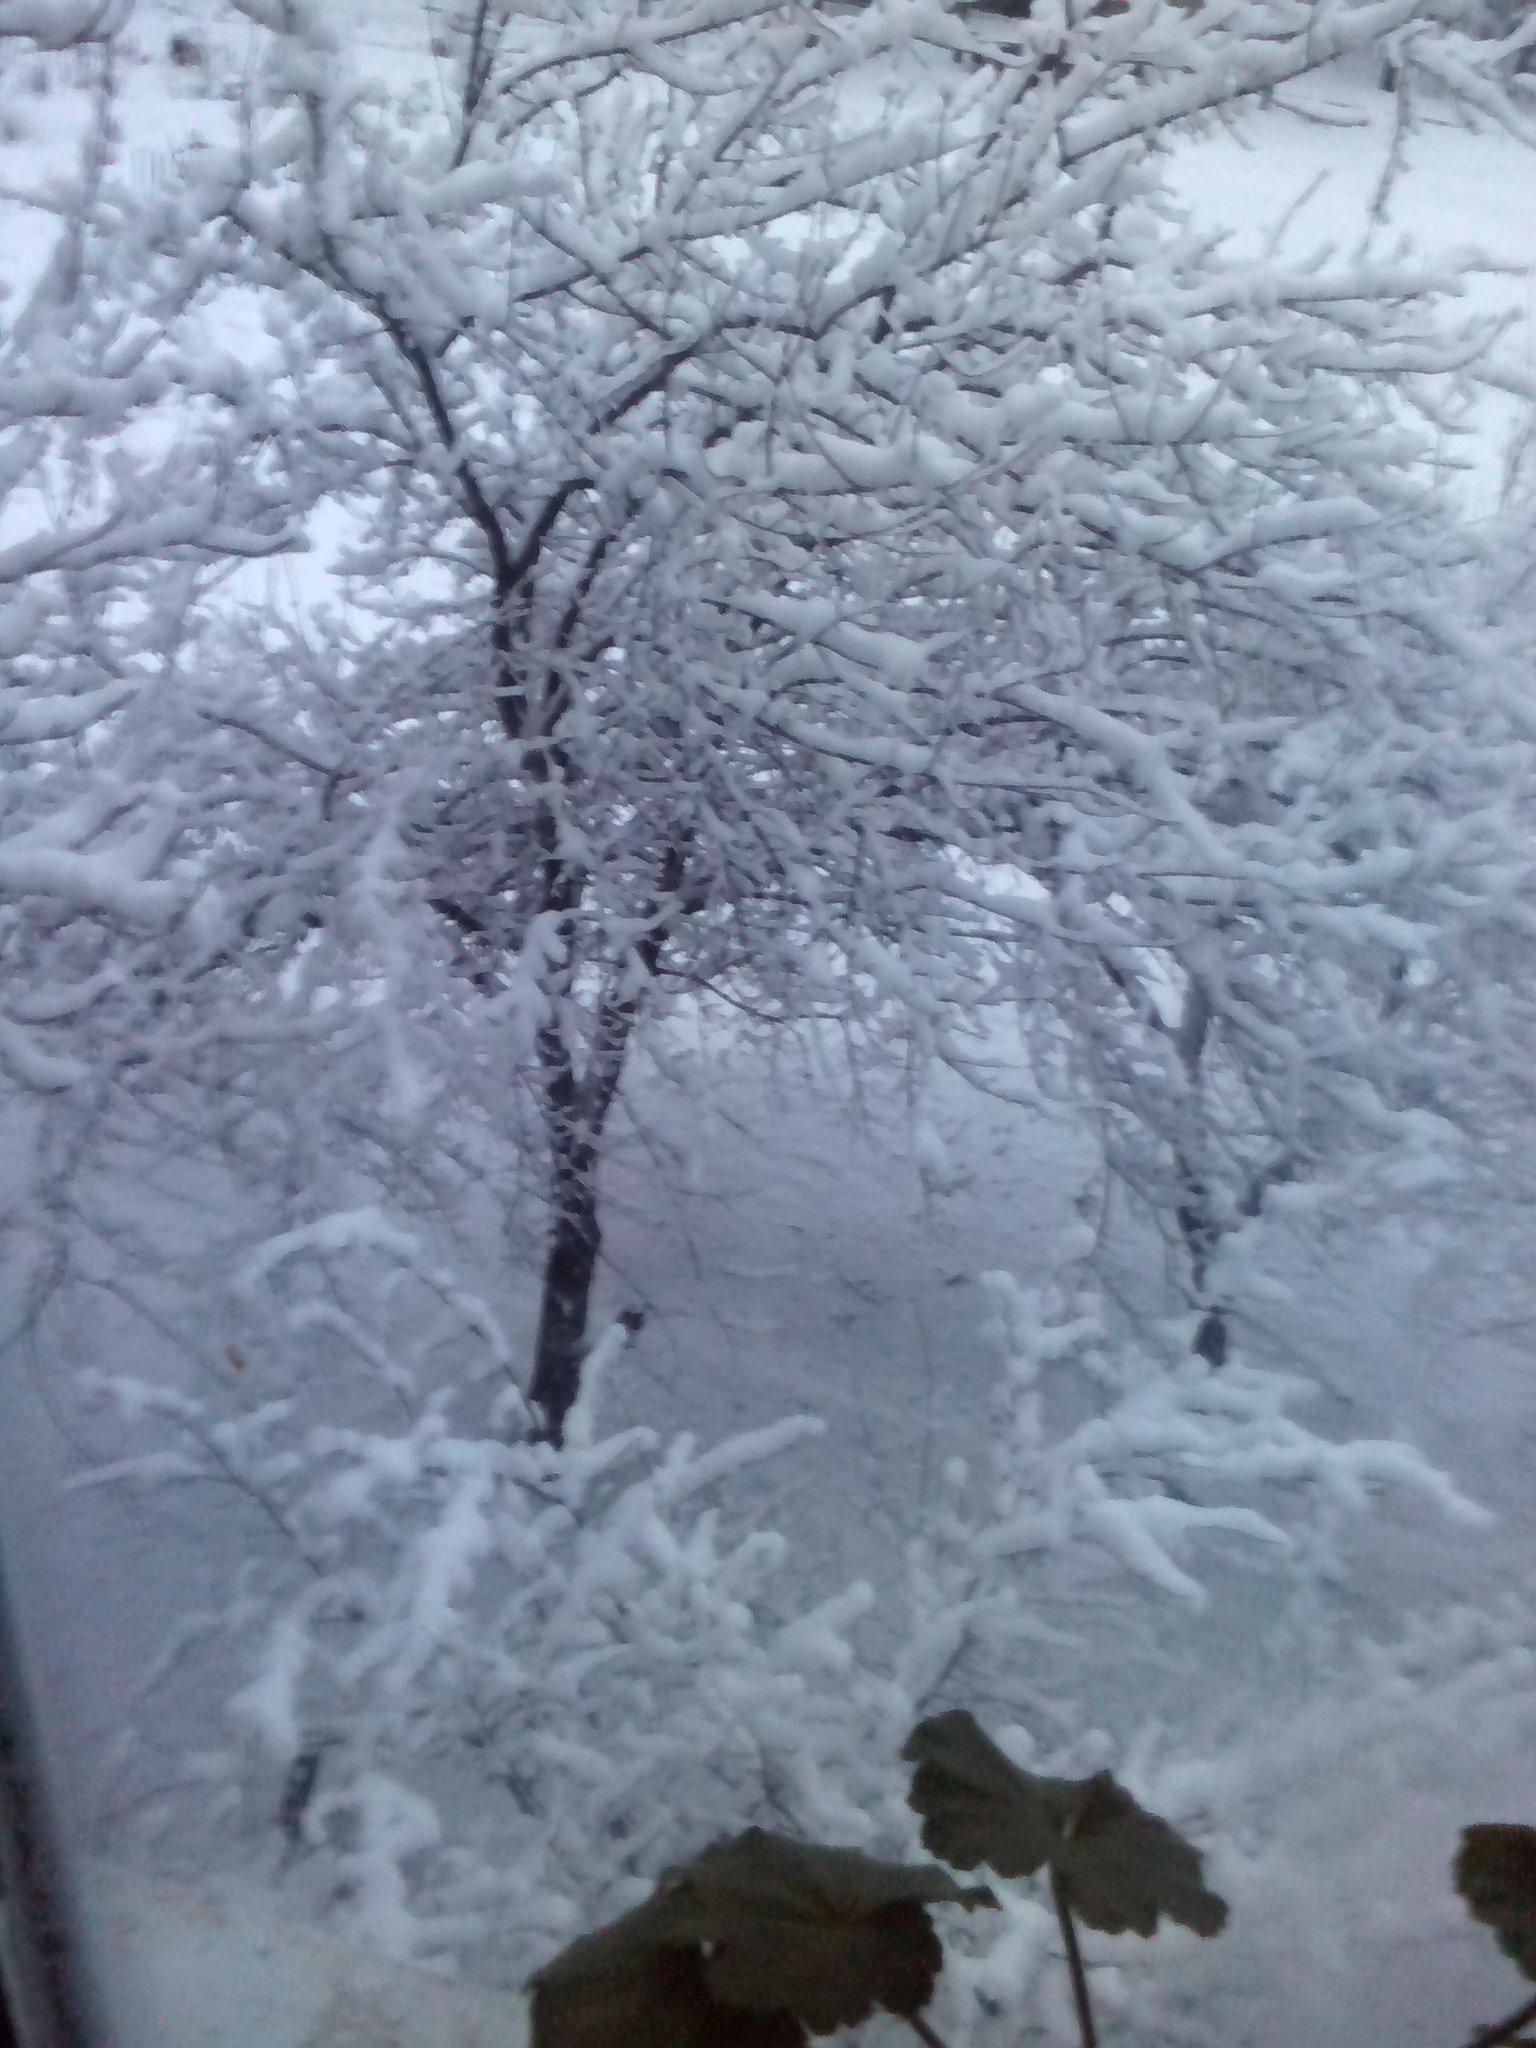 В районе Углегорска развернута тактическая группа боевиков Безлера, вблизи Вергулевки разместилась группа наемников-неславян из РФ, - ИС - Цензор.НЕТ 9474